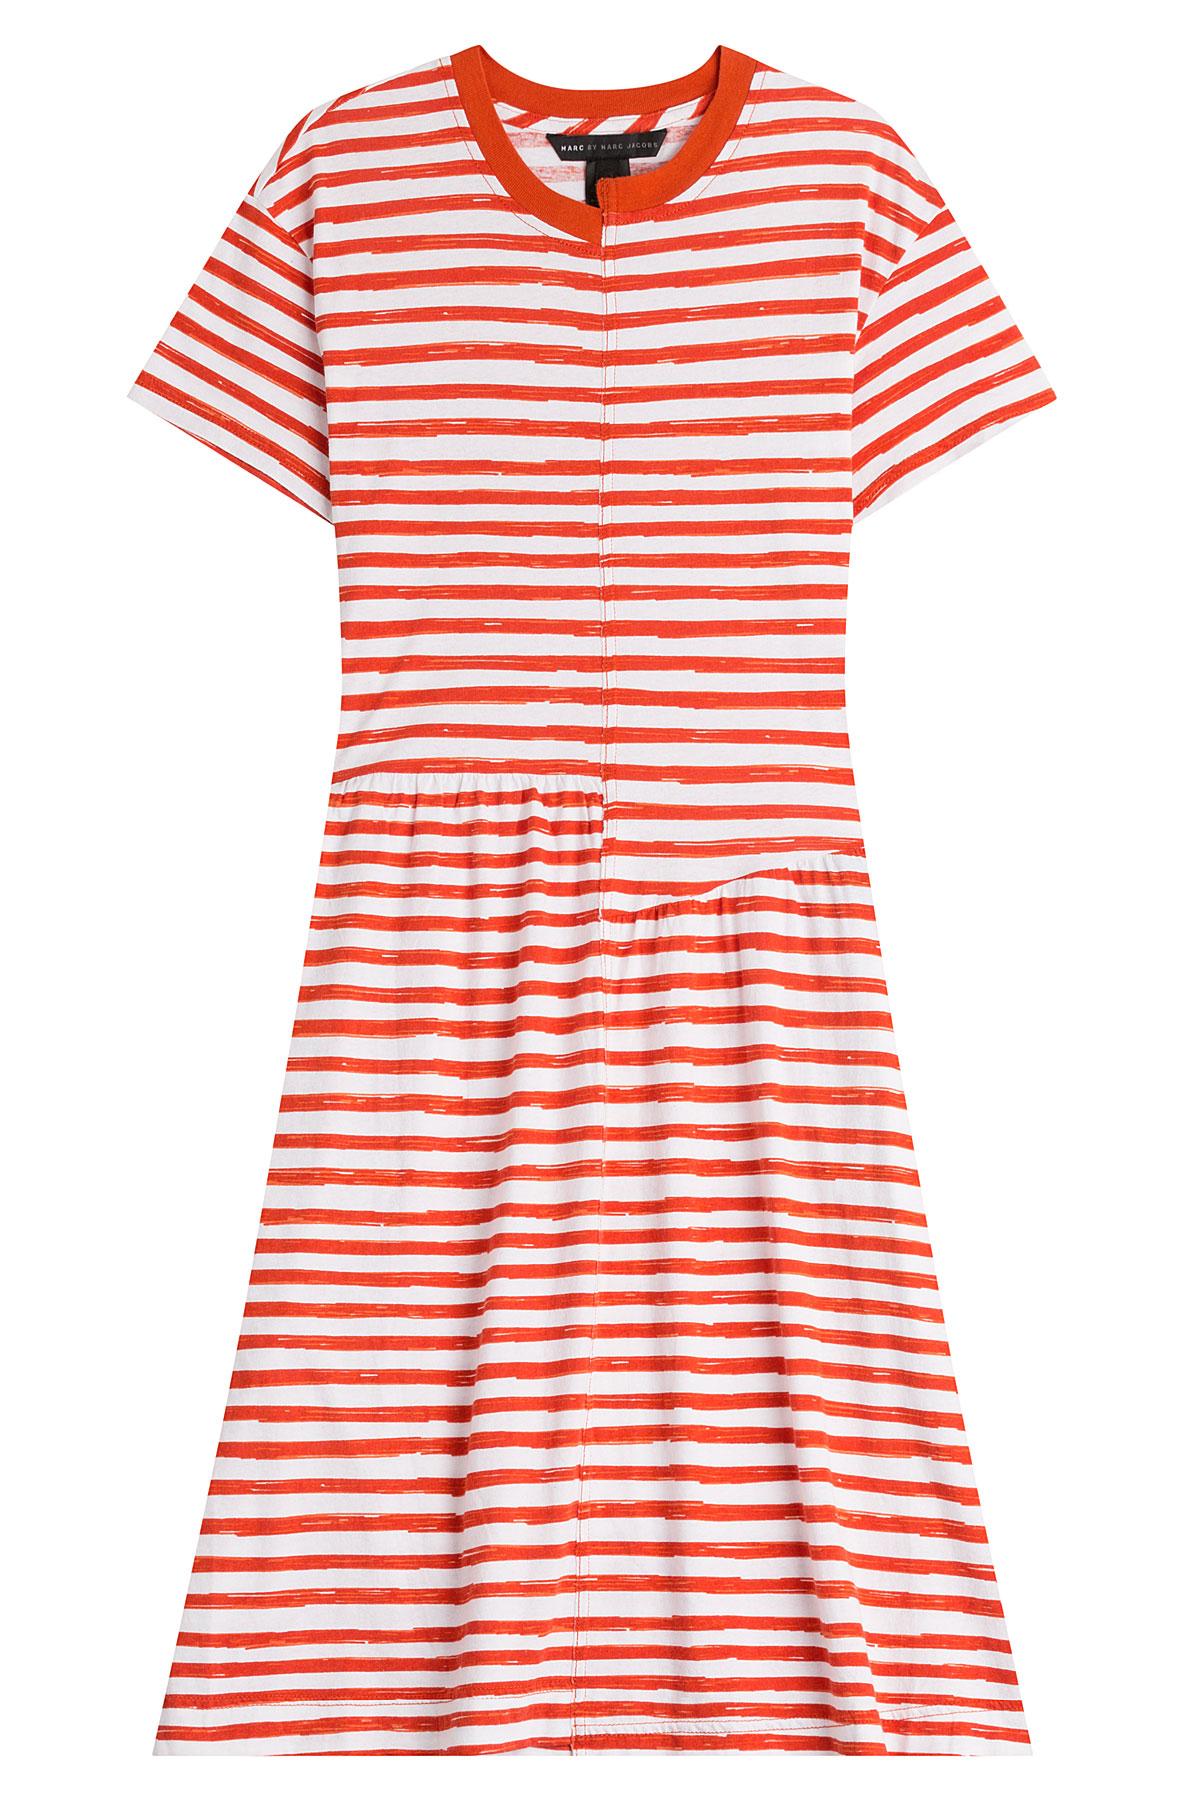 Striped cotton dress Marc Jacobs twF6SmCrn